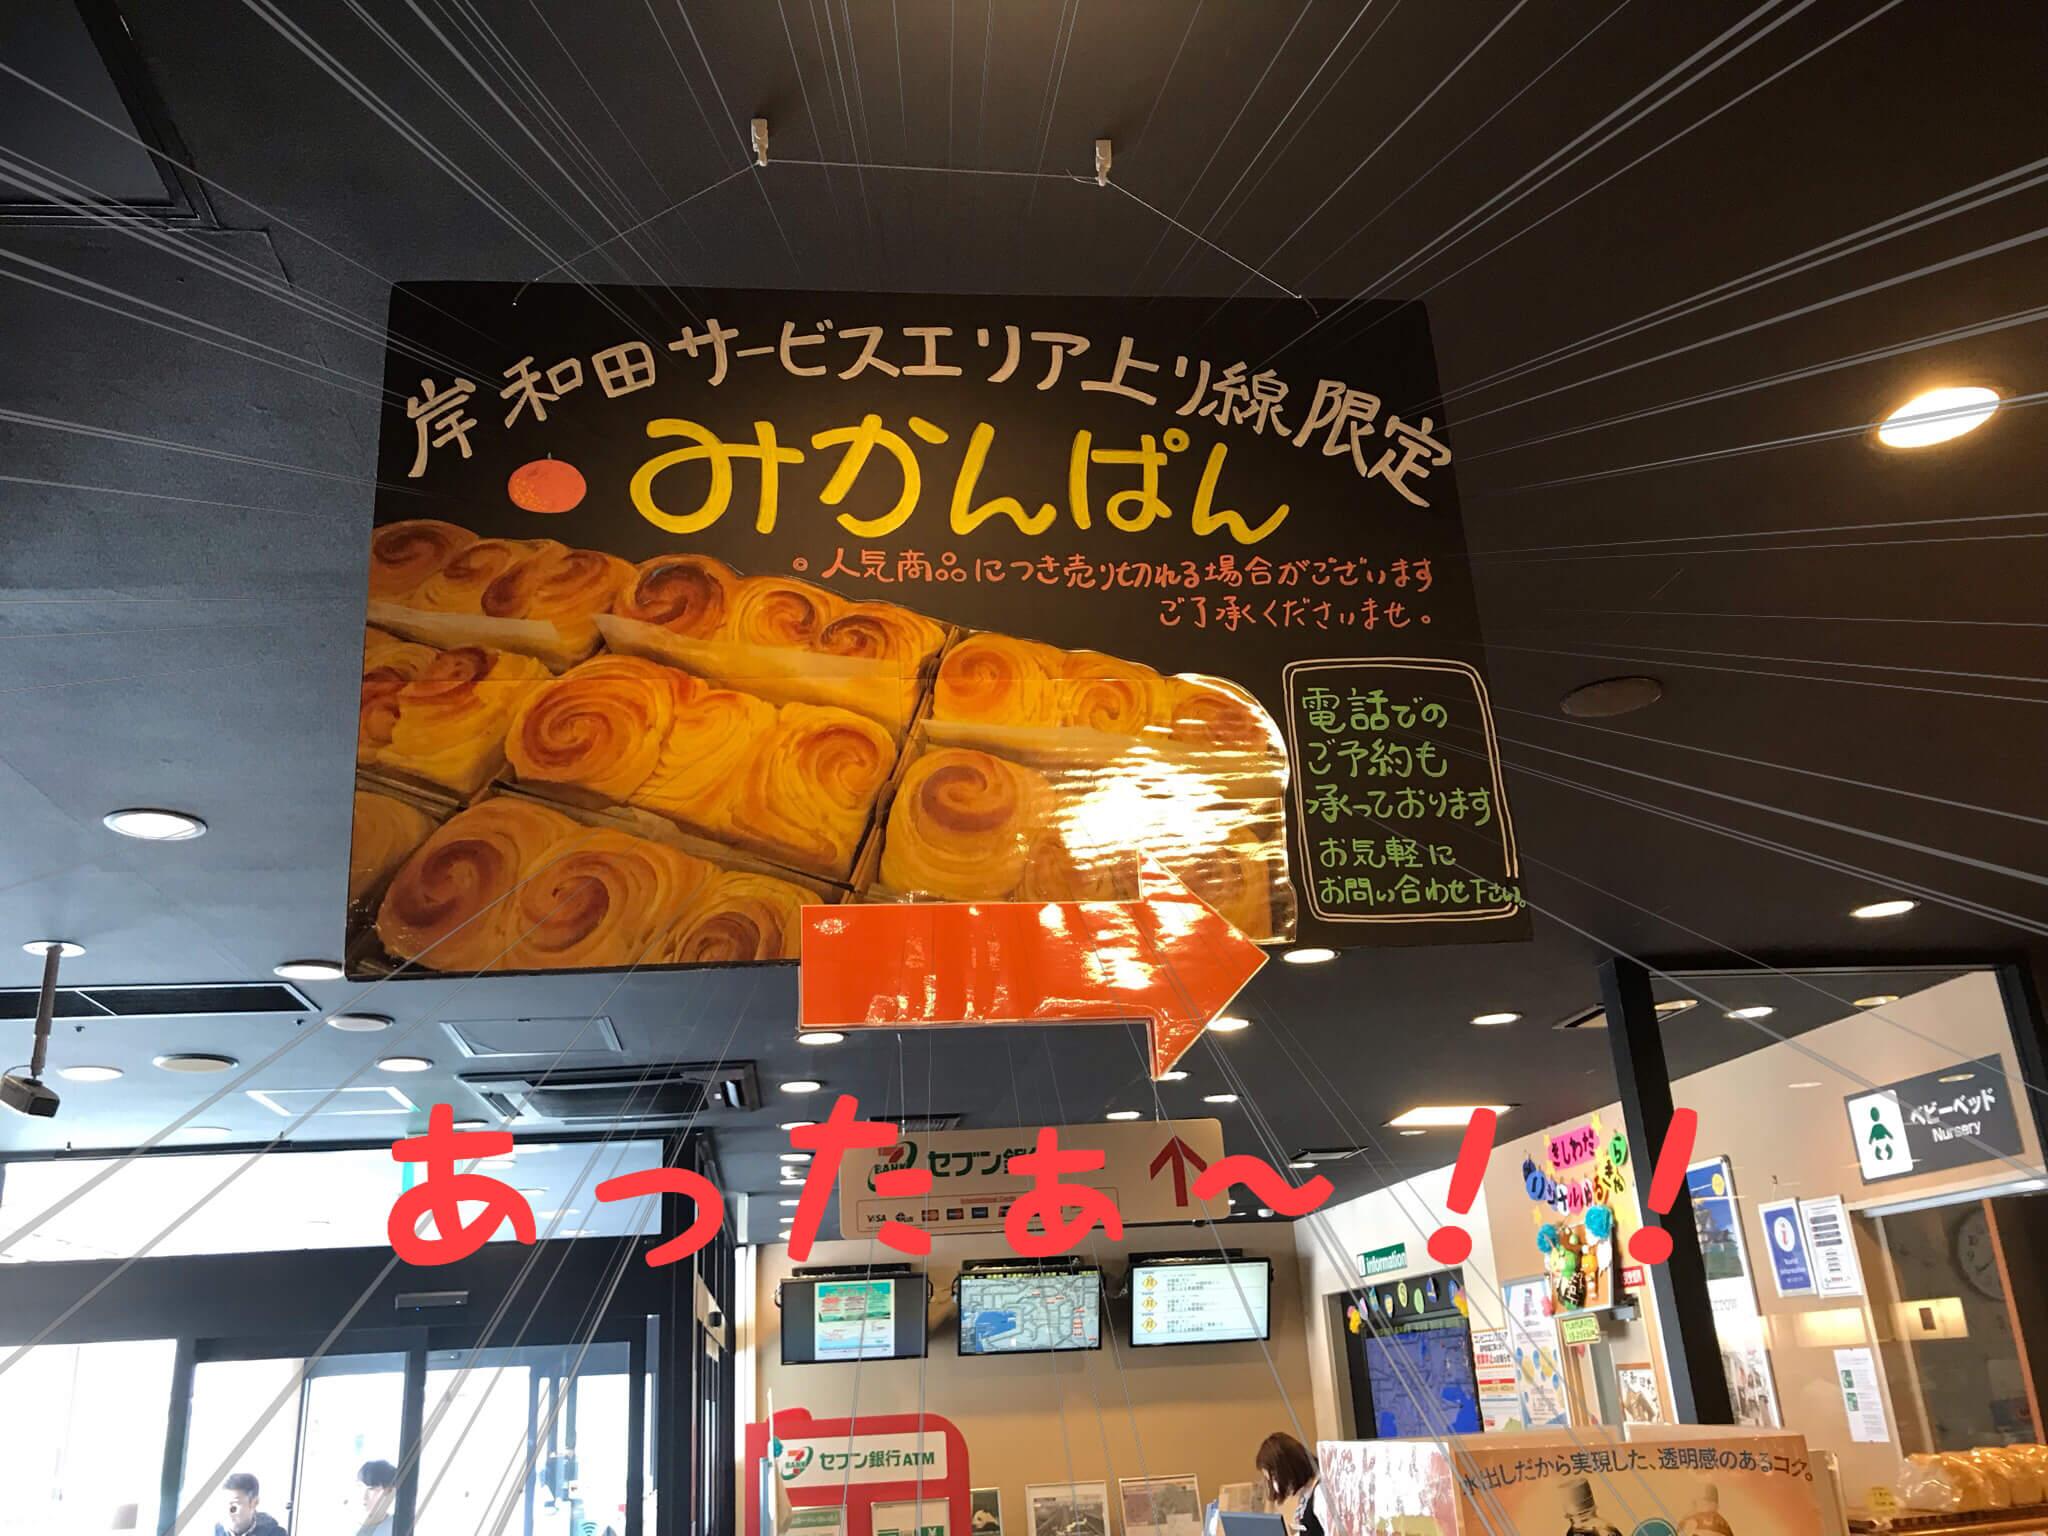 岸和田サービスエリア みかんぱんの看板 あったぁ~!!